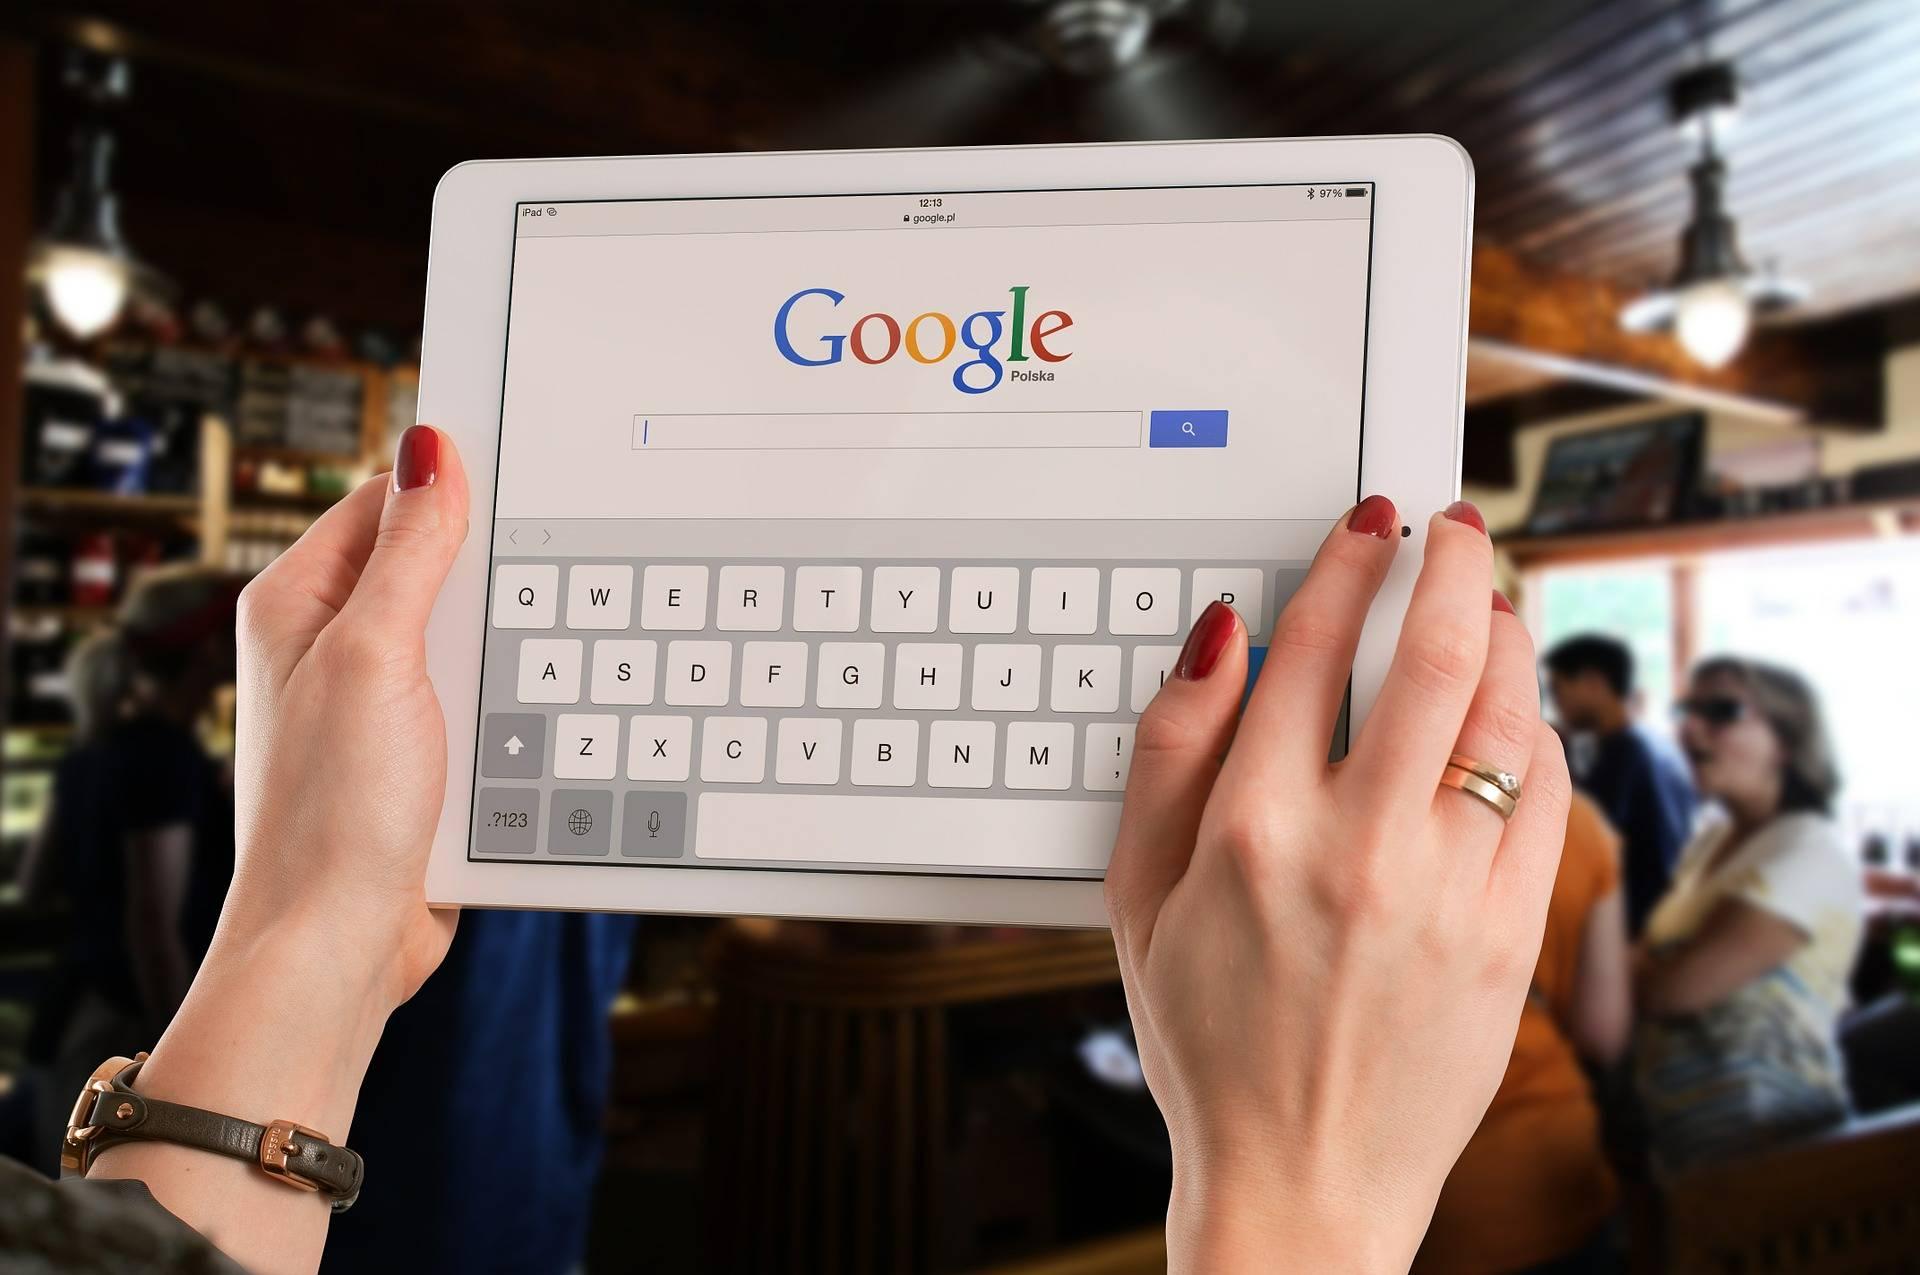 Videos sur le référencement, comment savoir écrire sur google ! Elearning by Jalis academie